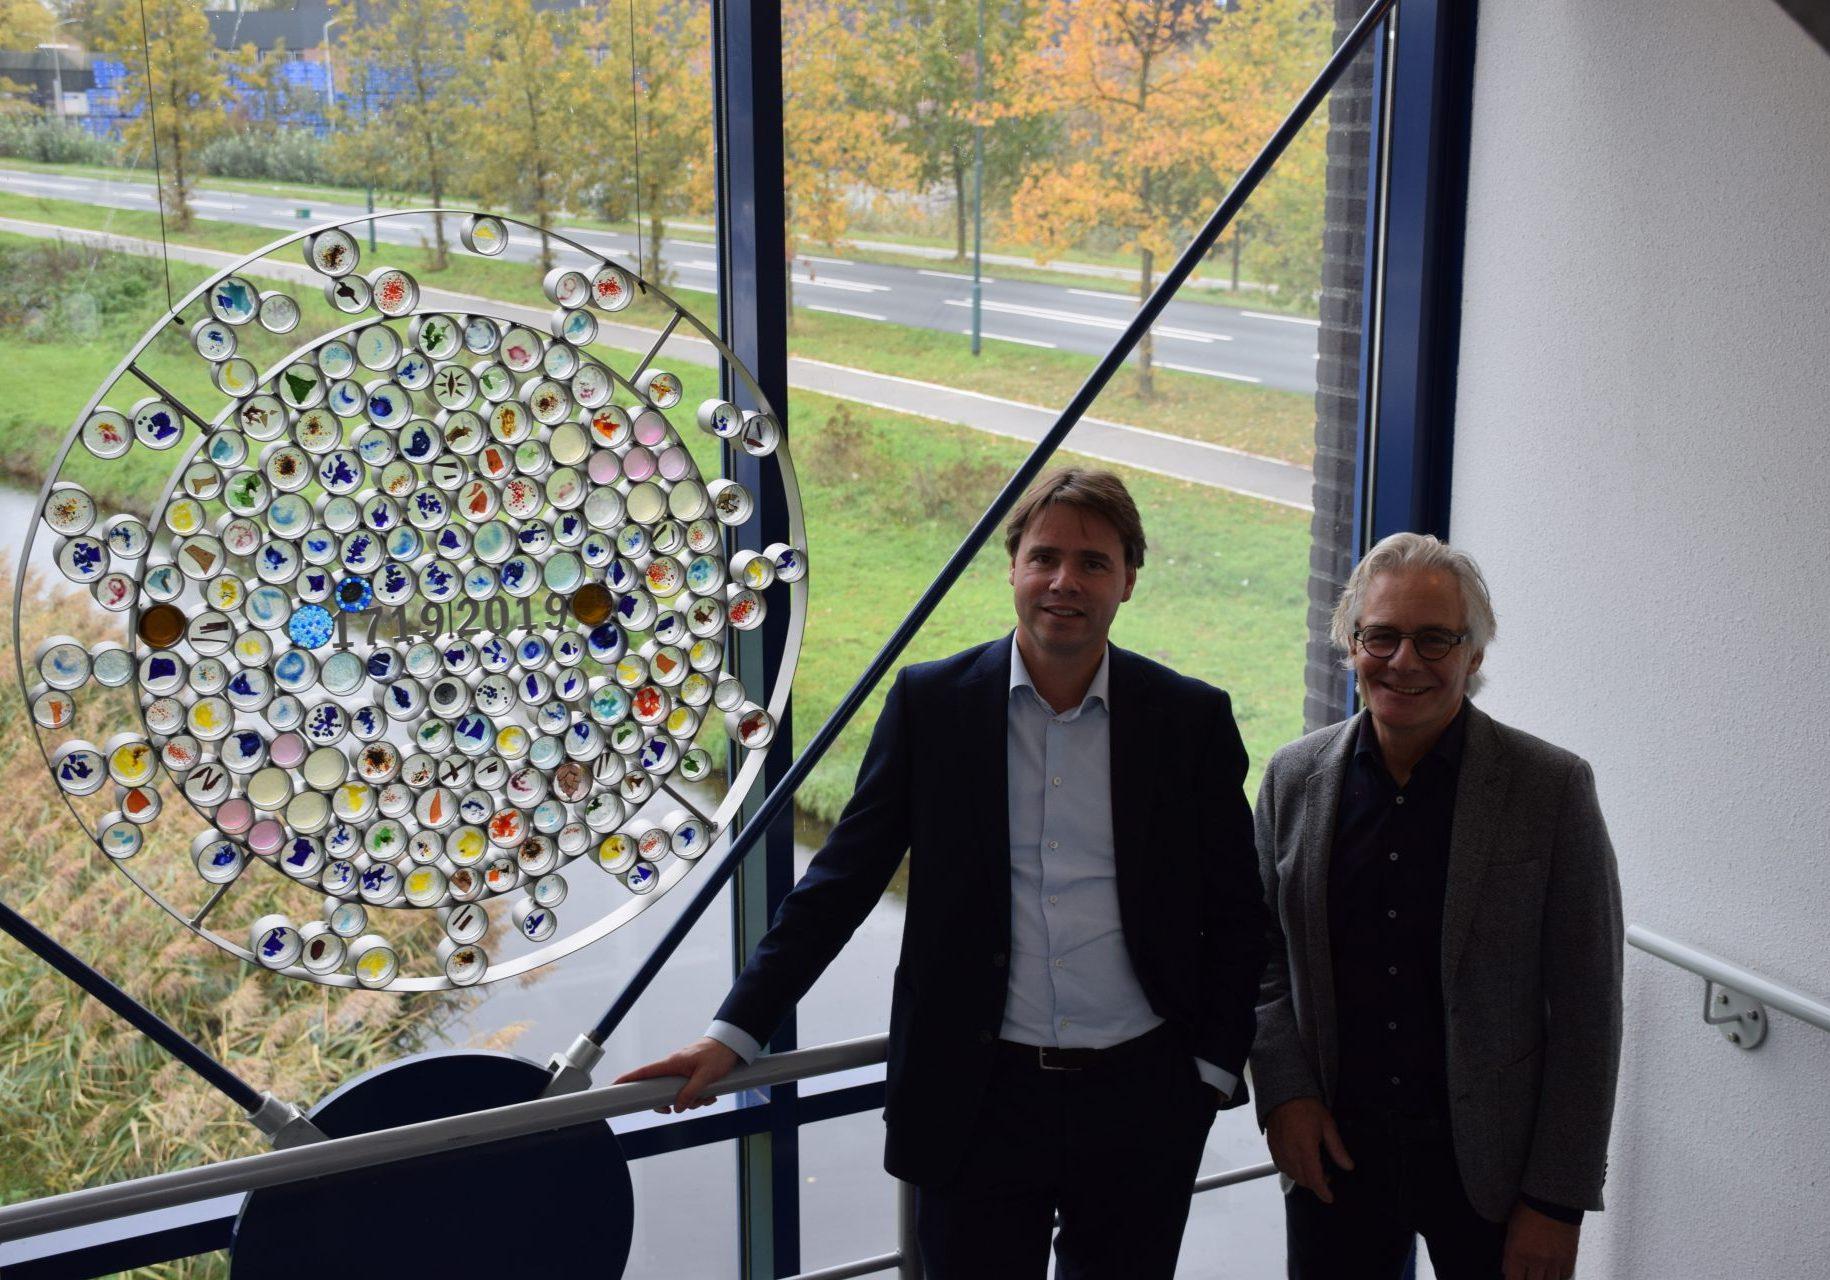 Onthulling kunstwerk Sjaak Smetsers Peer en Sjaak november 2019 Bavaria